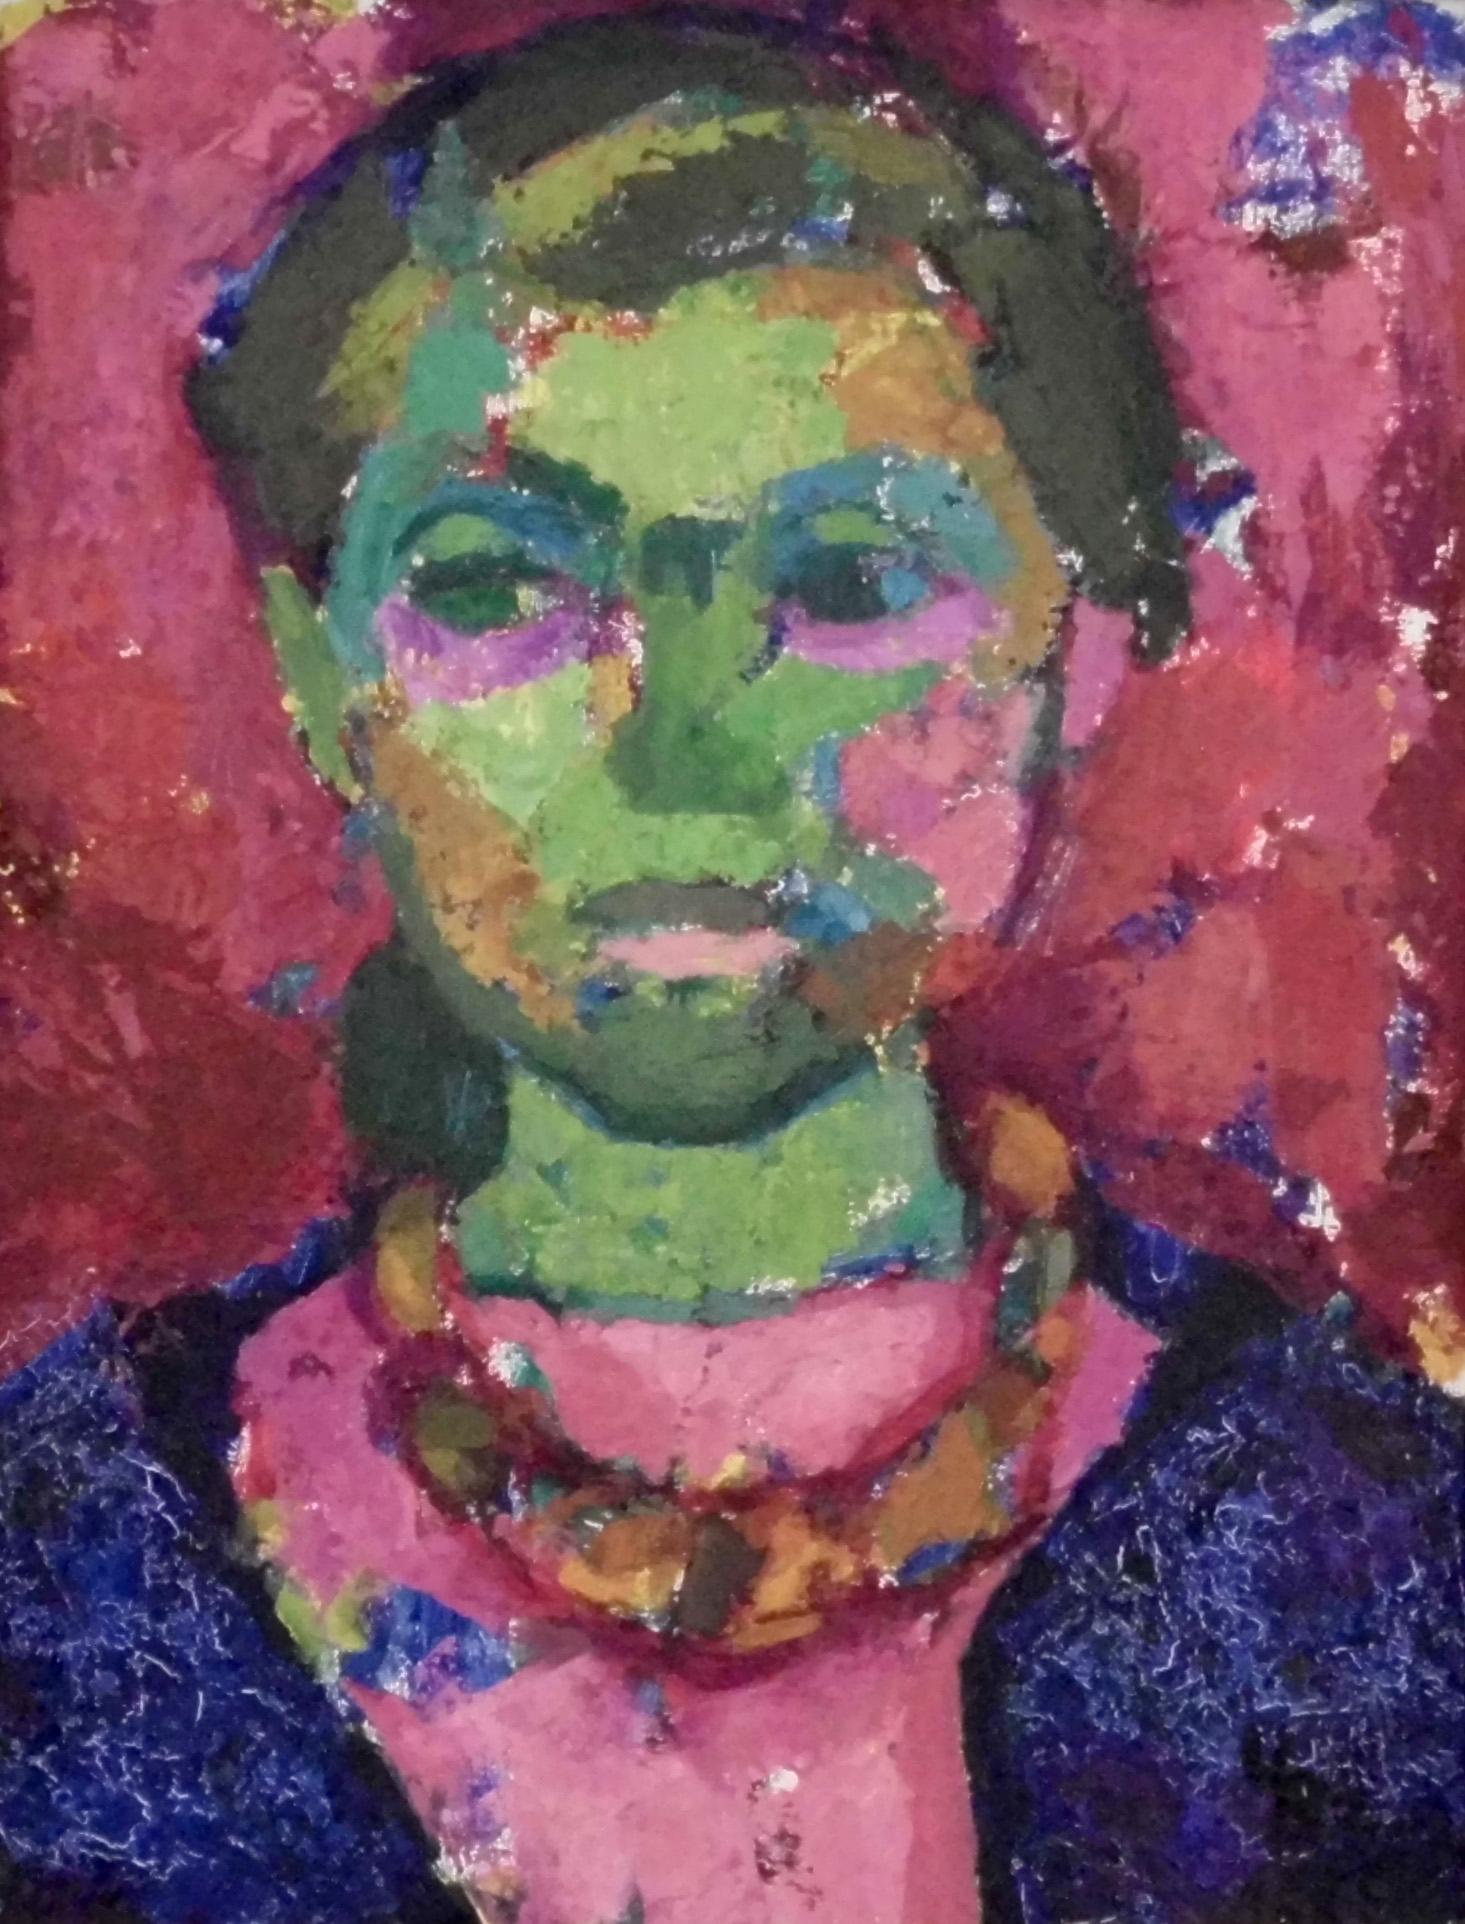 11-ursula_rzodeczko-selbstbildnis_mit_bernsteinkette-1969-oel_auf_leinwand-45x35